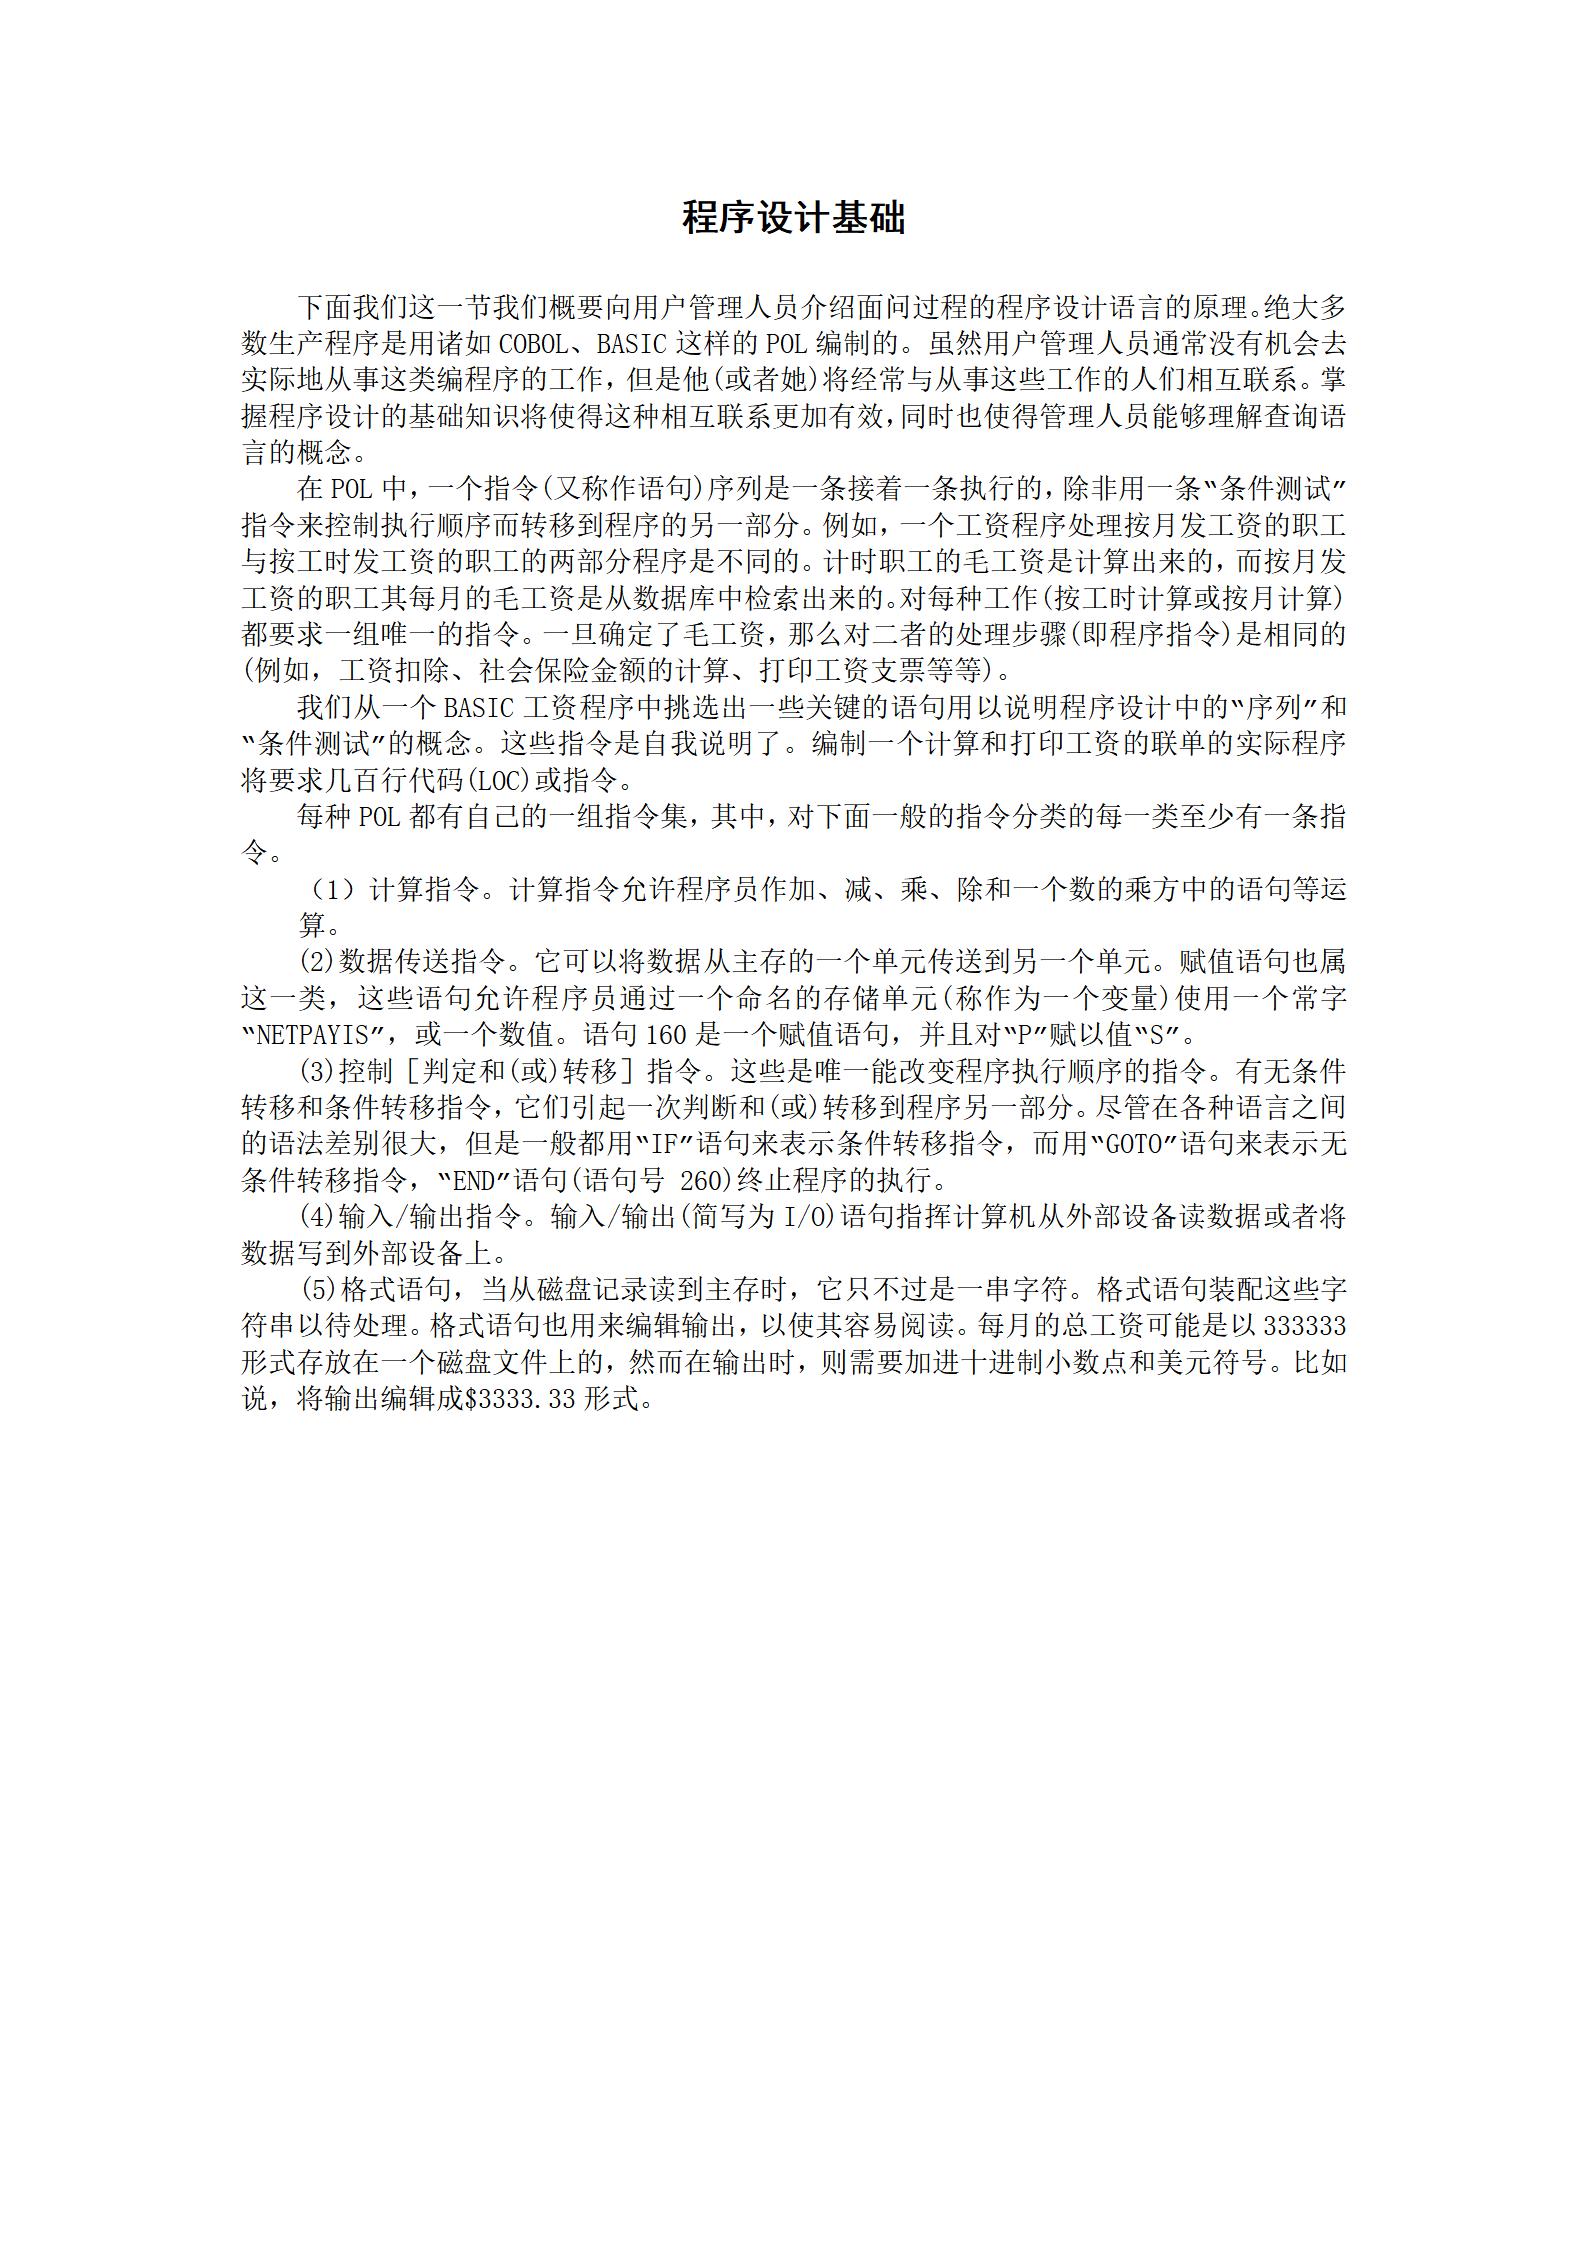 企业信息管理制度-程序设计之程序设计基础_01.png